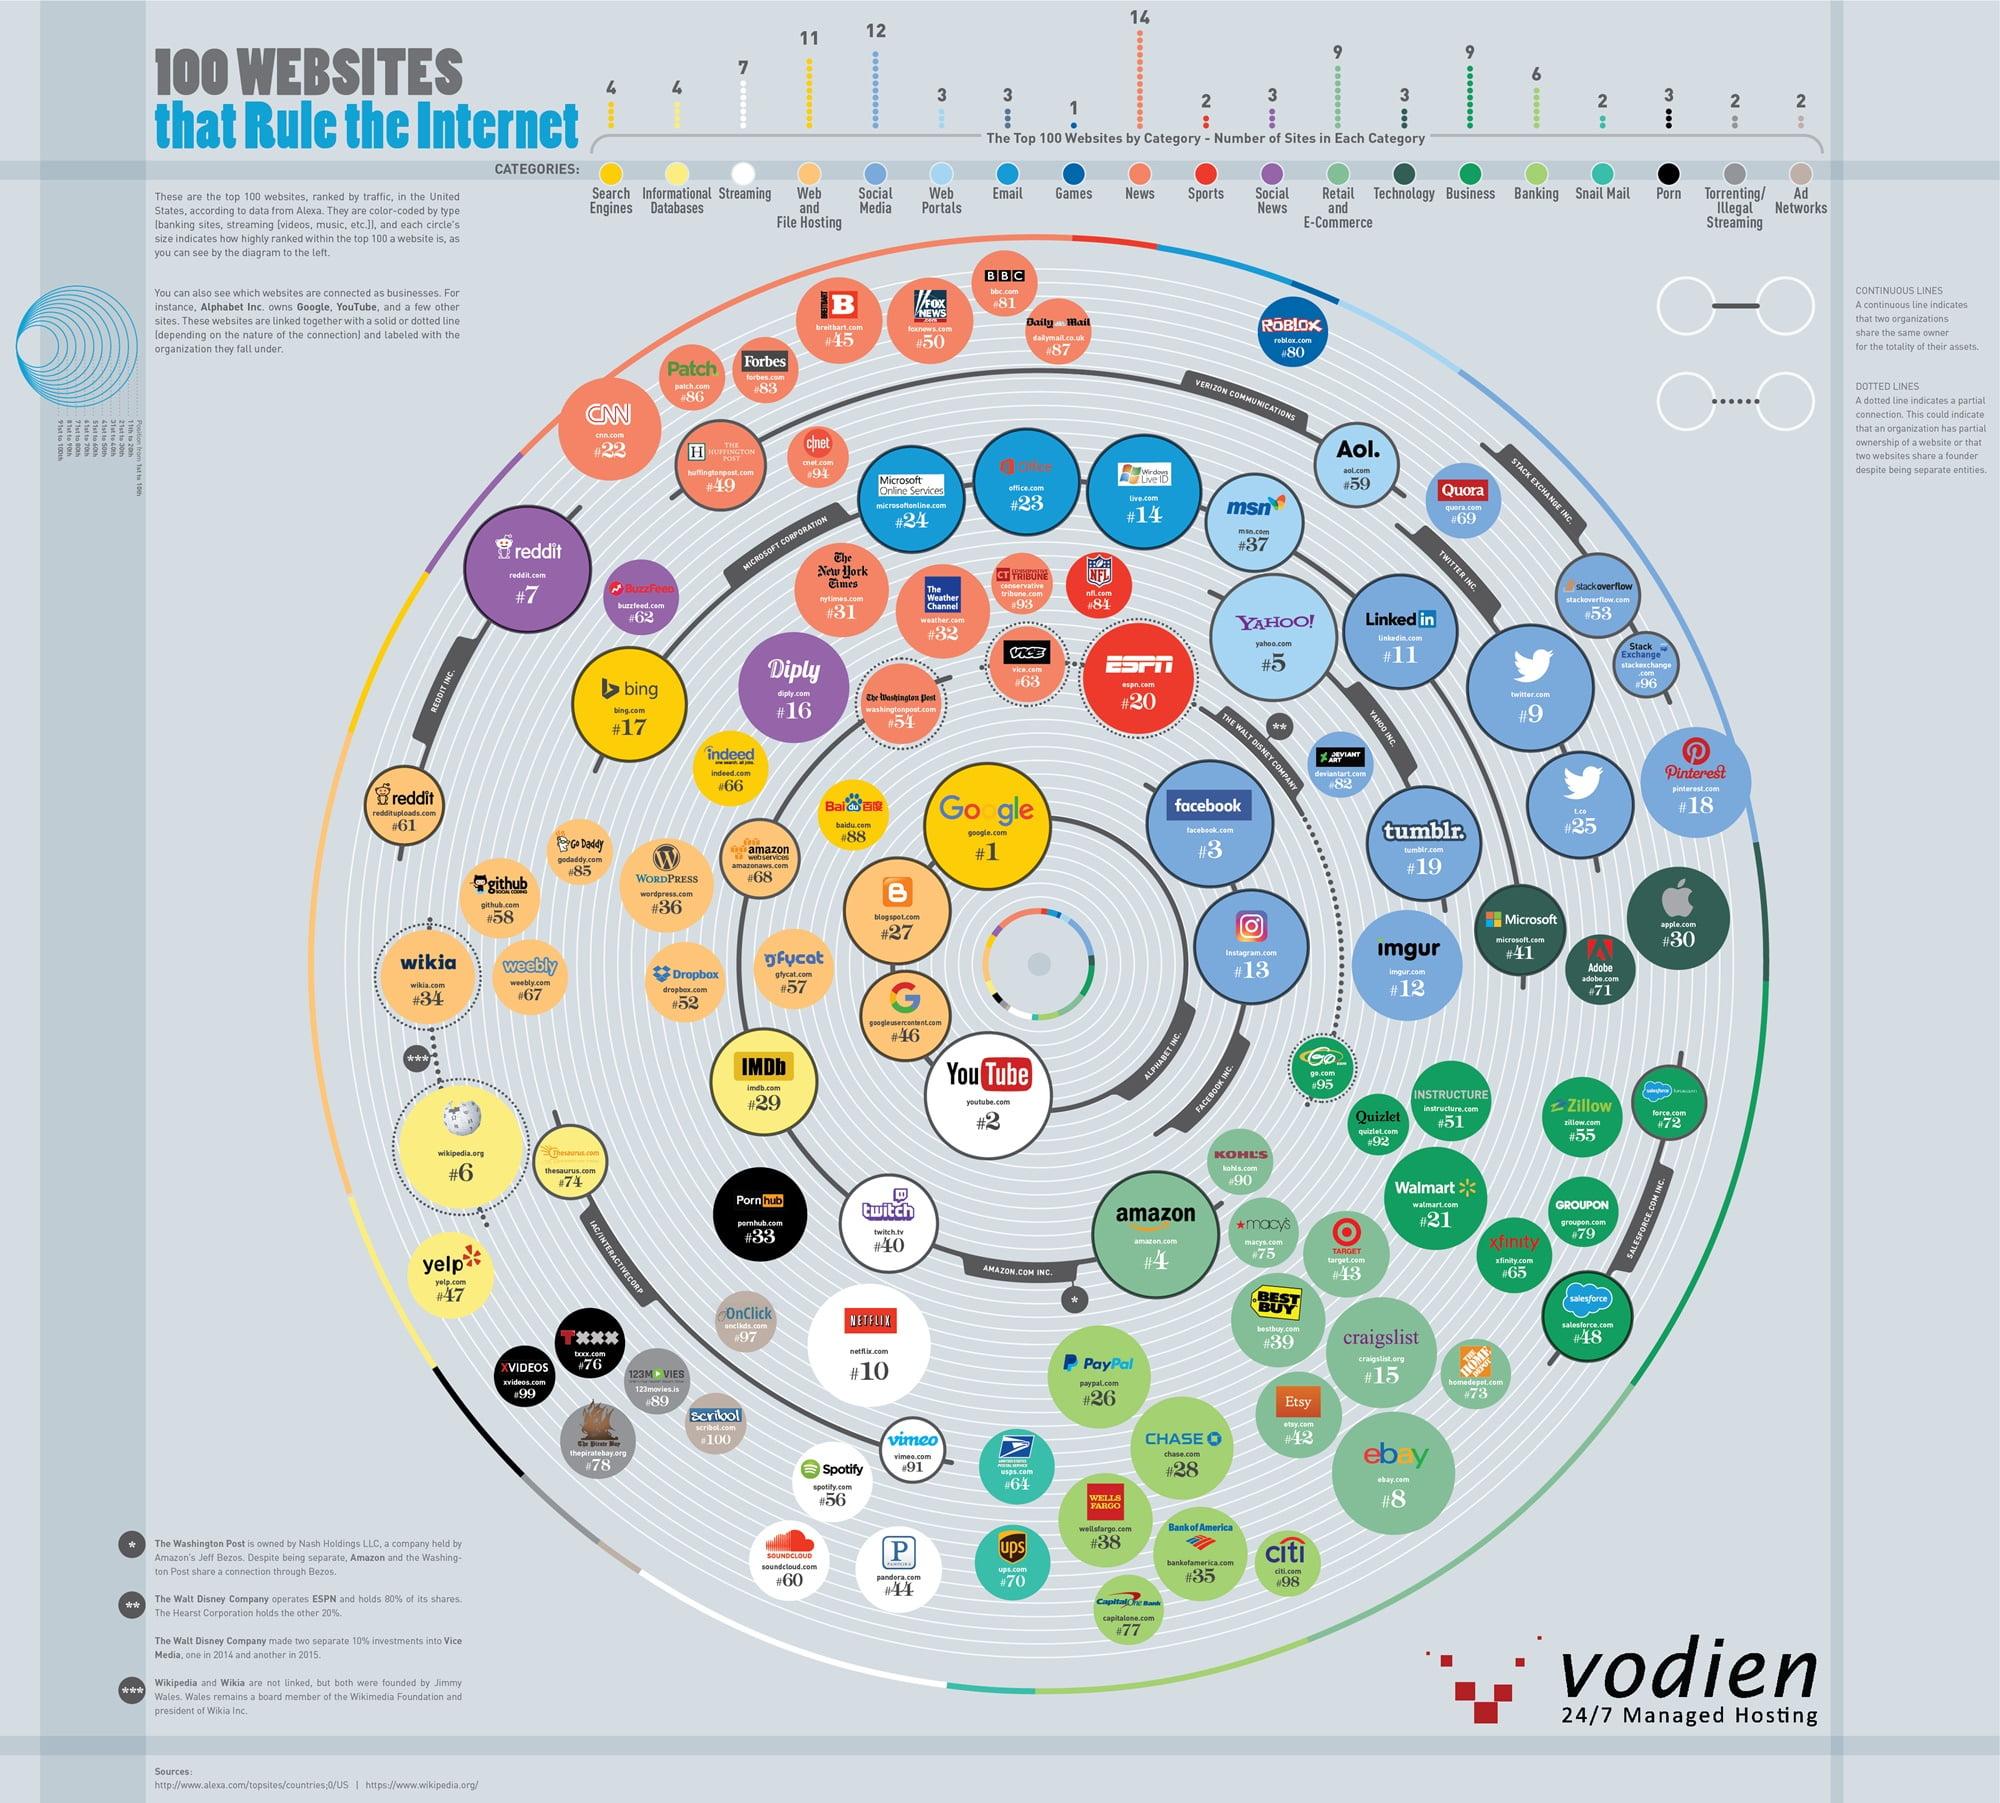 les-100-sites-plus-influents-internet #Infographie : les 100 sites les plus influents d'Internet